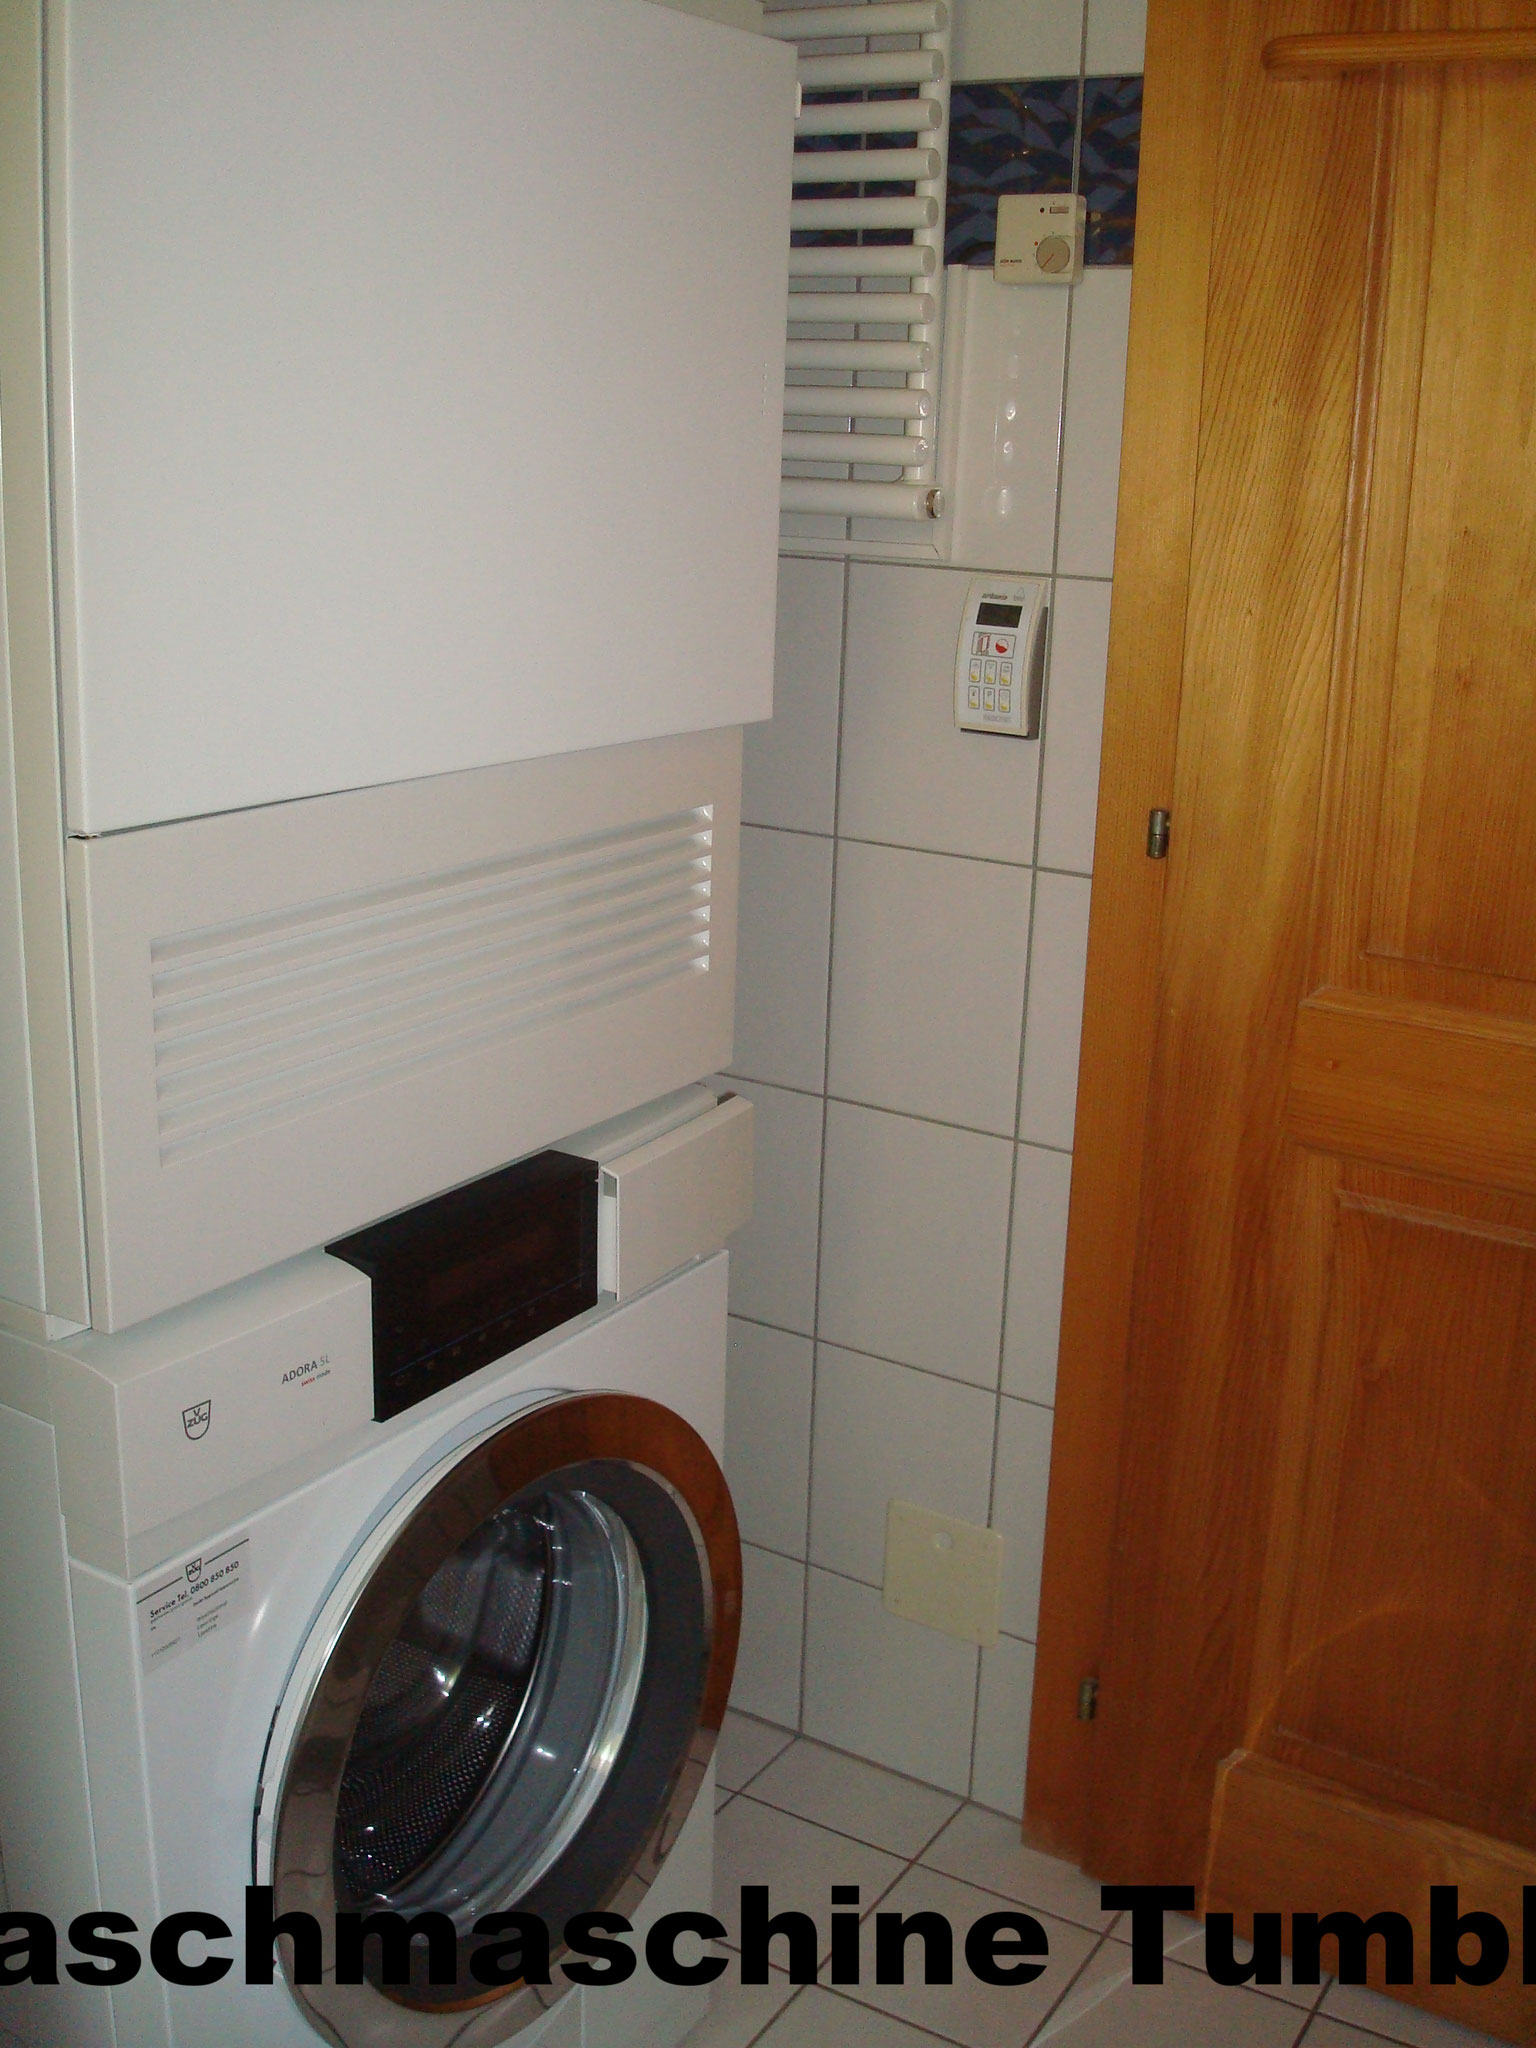 Waschmaschine Tumbler EG